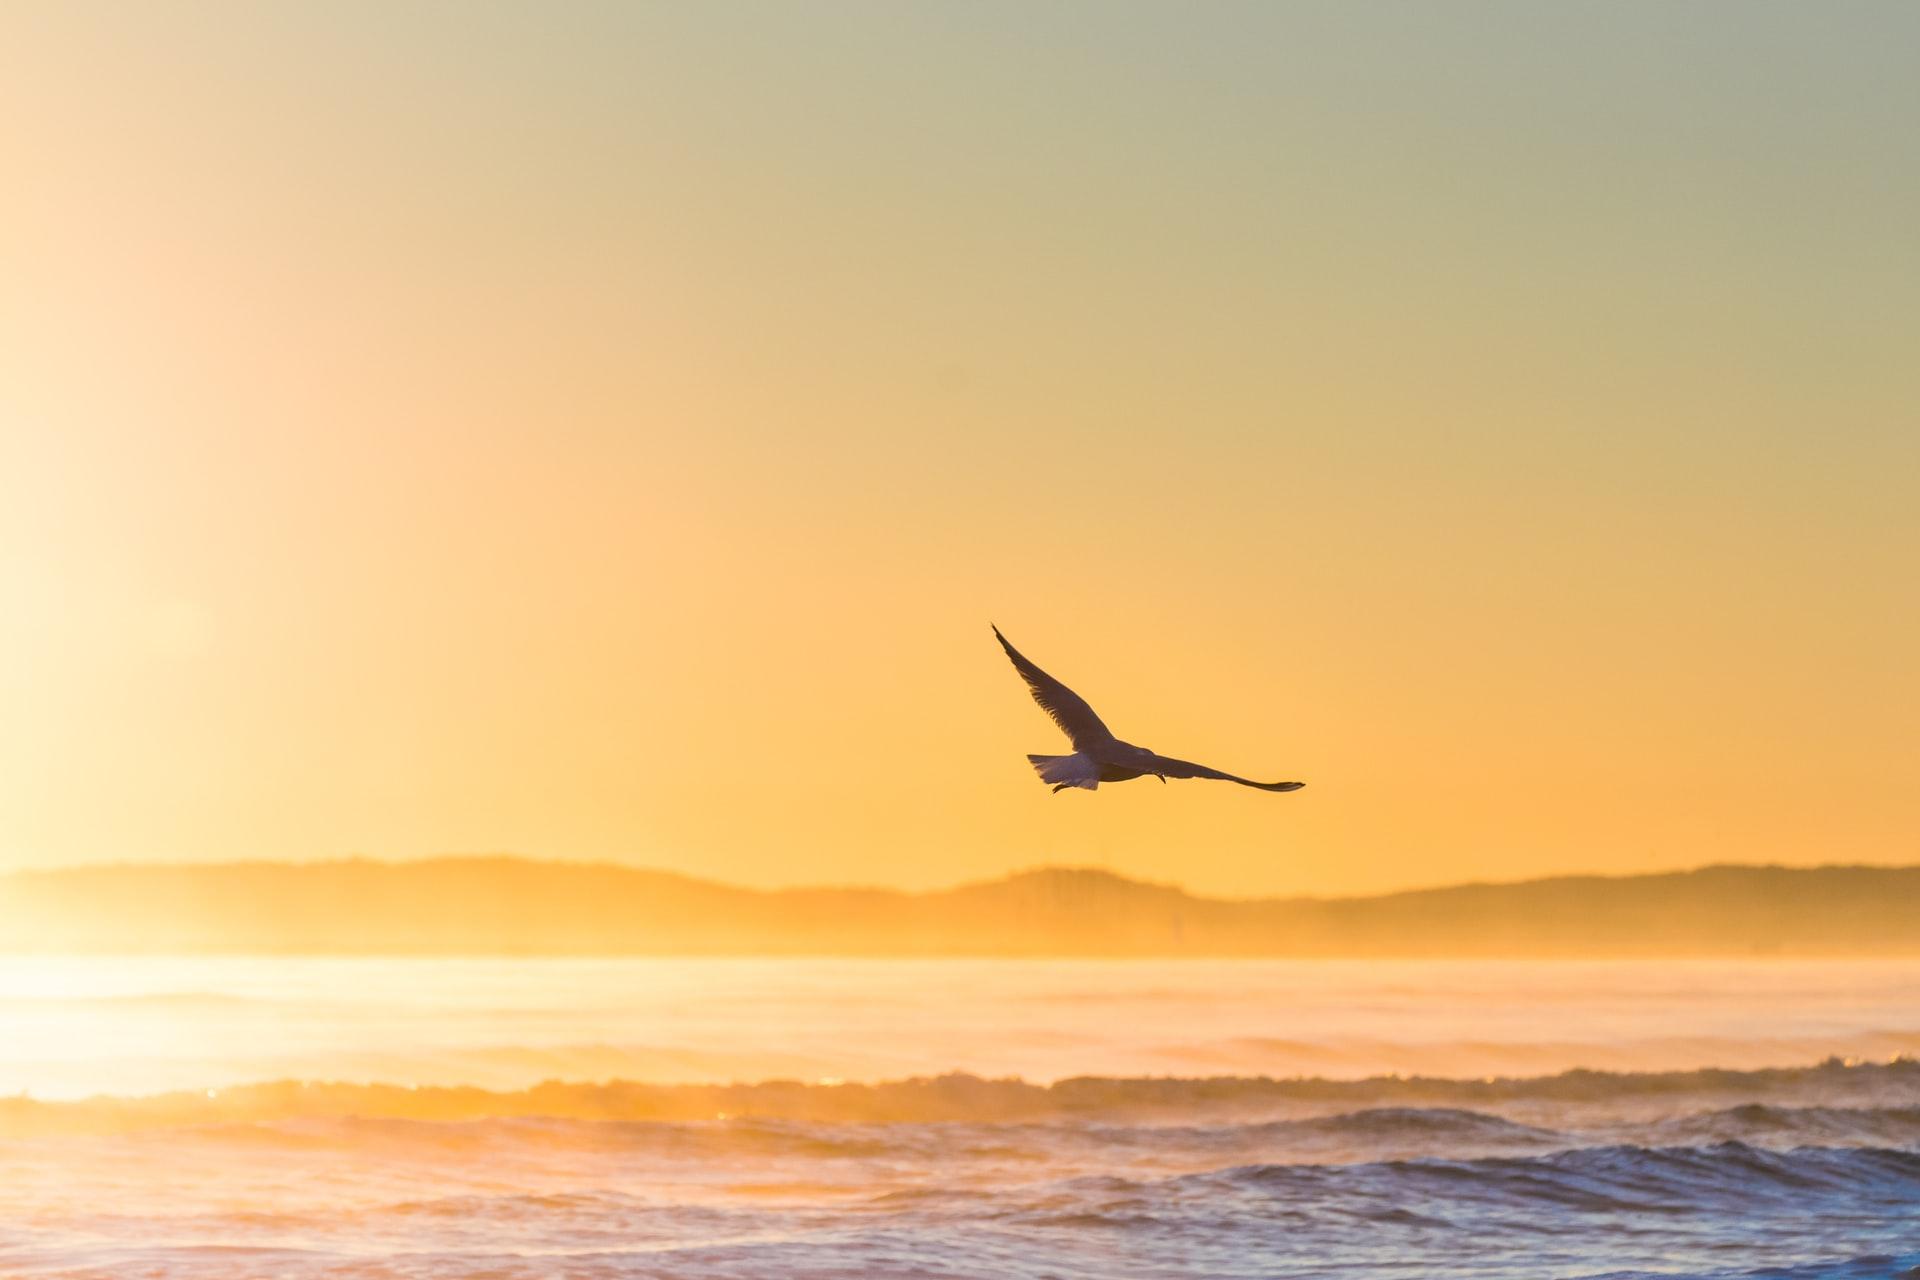 sta znaci sanjati da letis